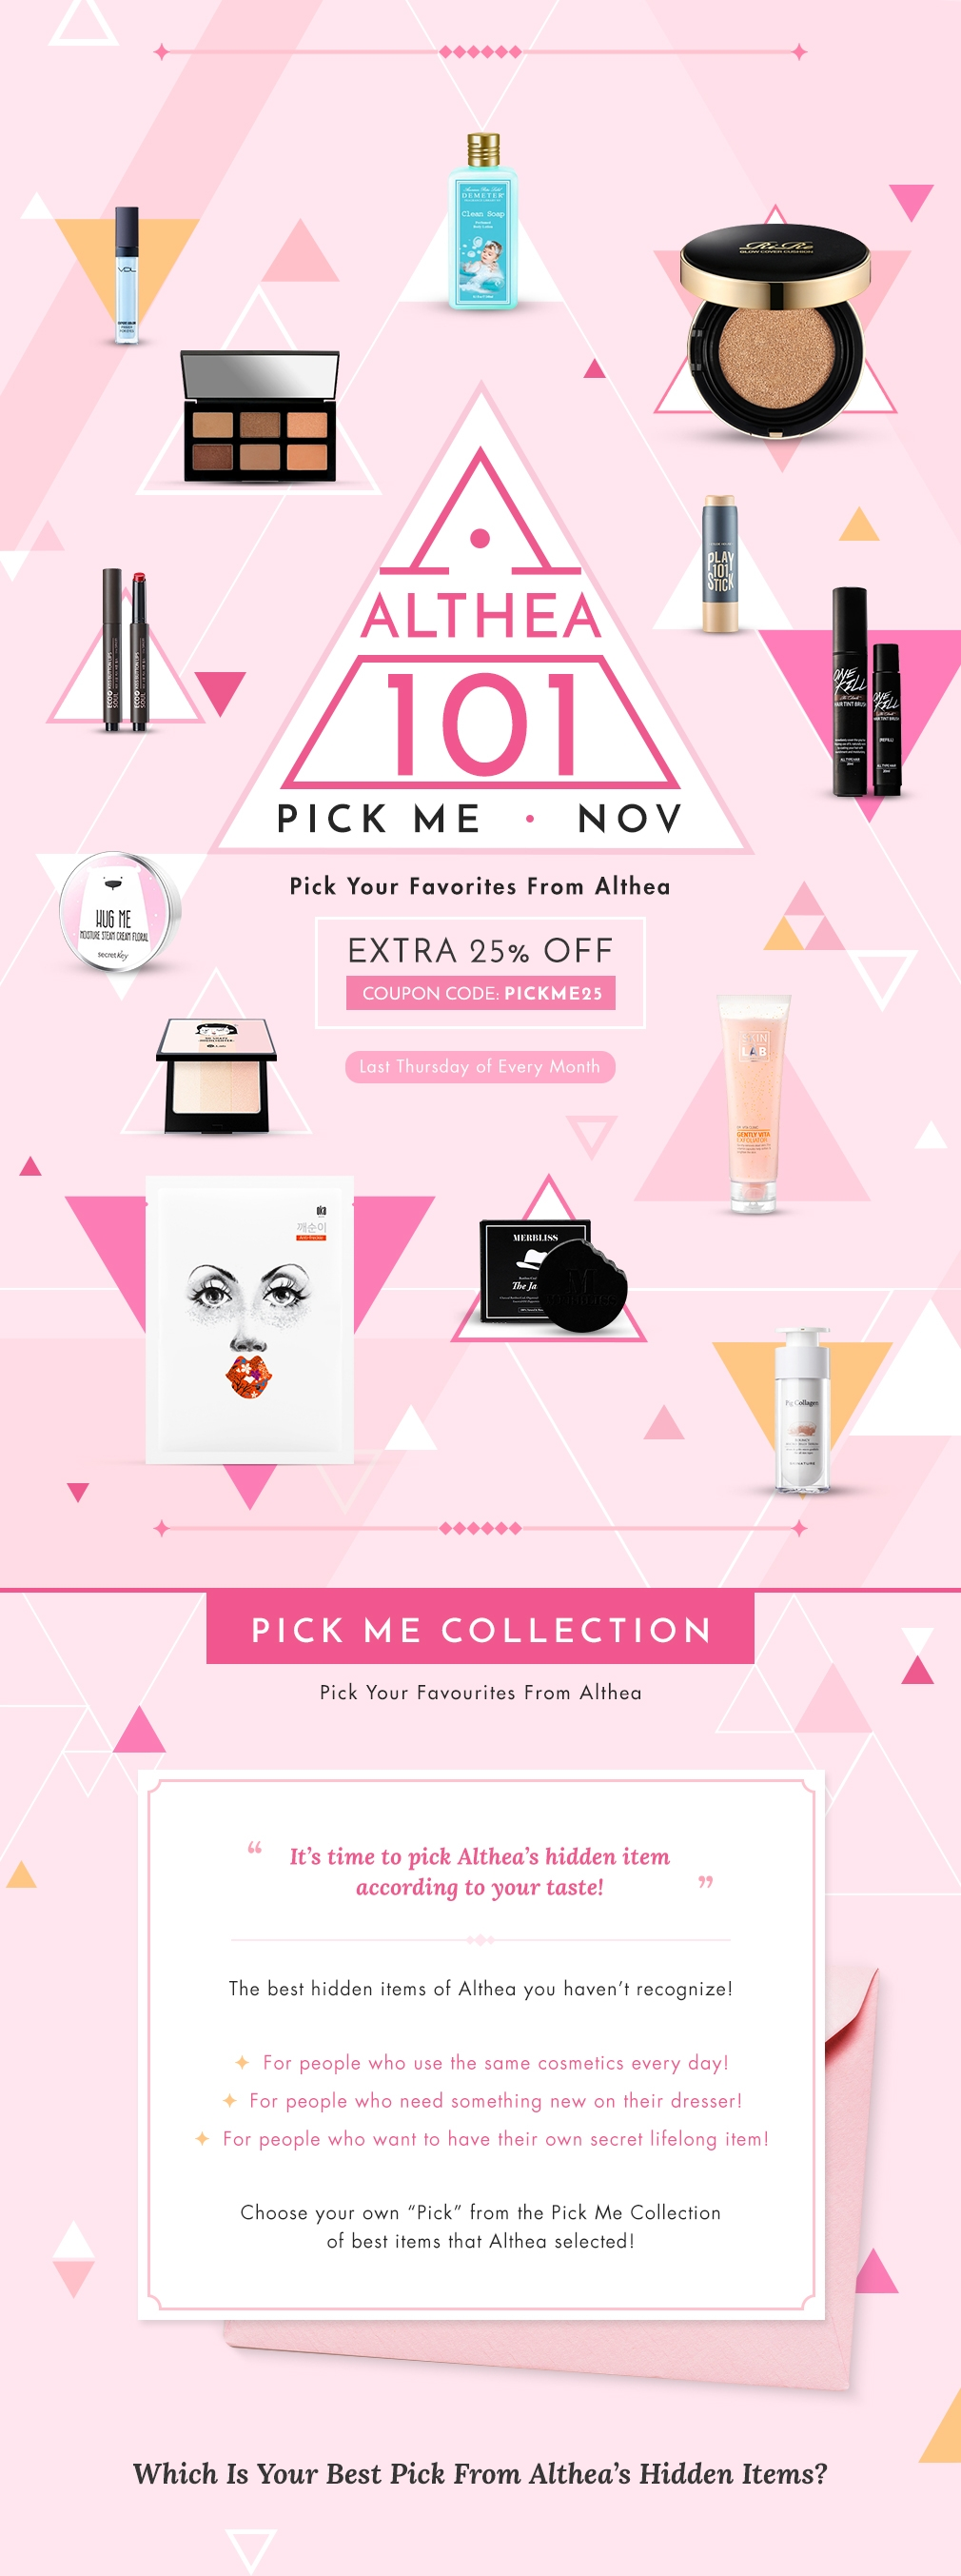 Pick Me_Nov